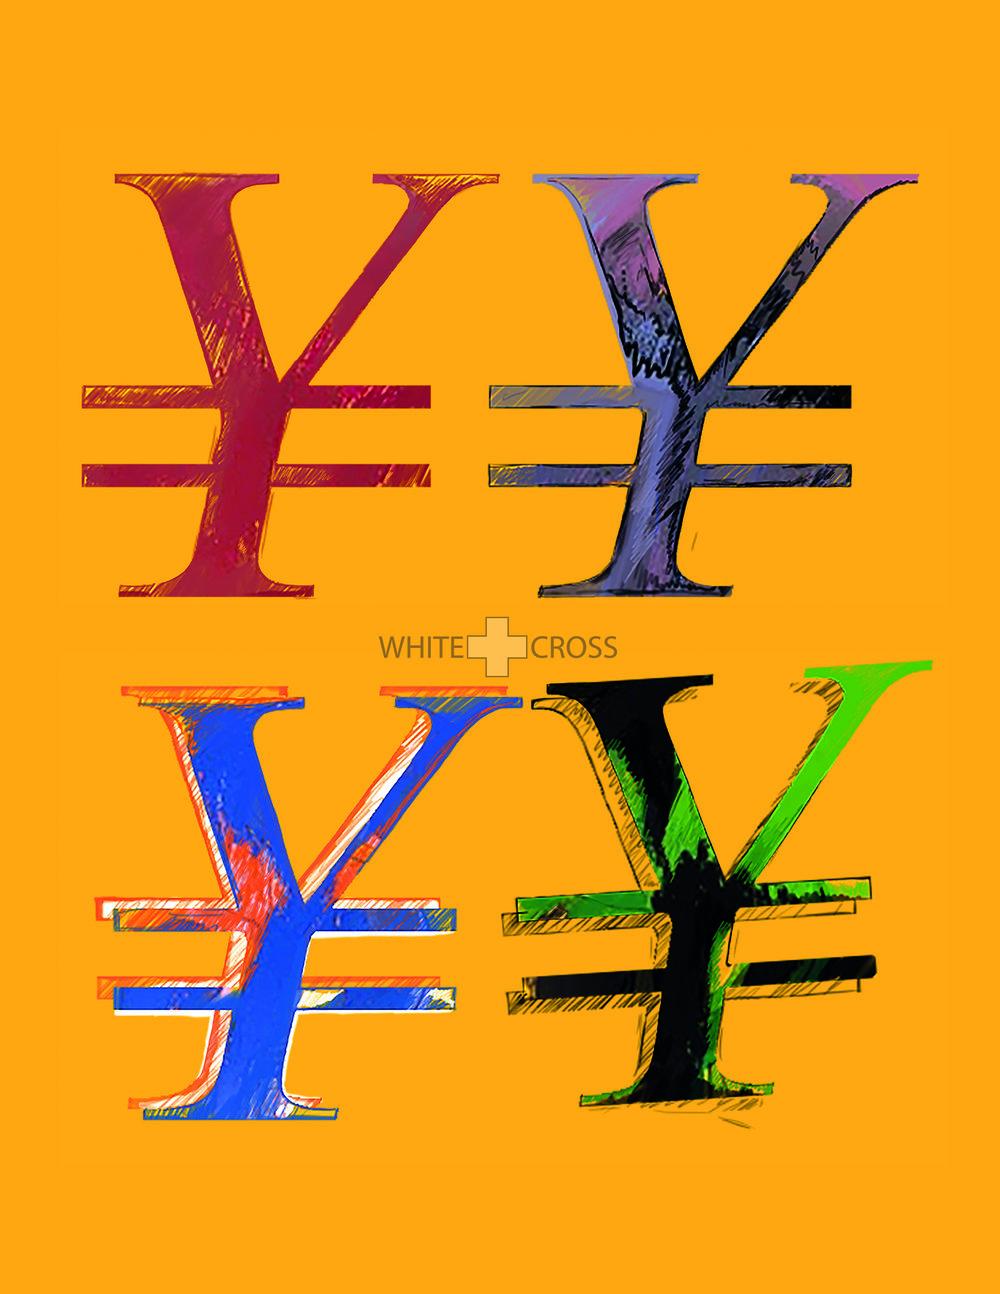 Yen_WM_WMCW.jpg